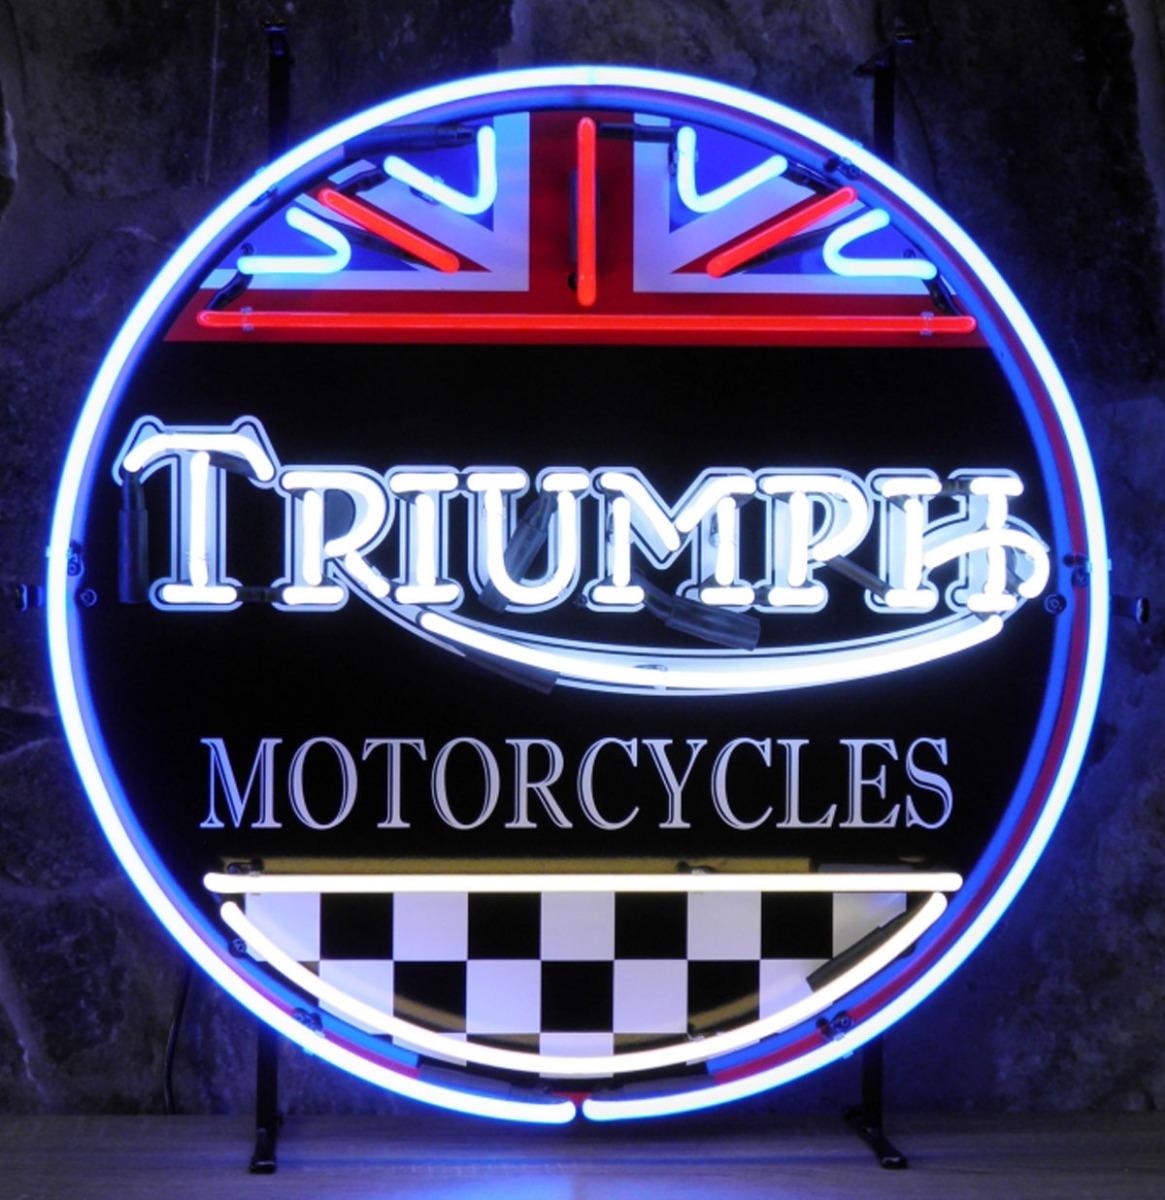 Triumph Motorcycles Neon Verlichting - 60 x 60 cm